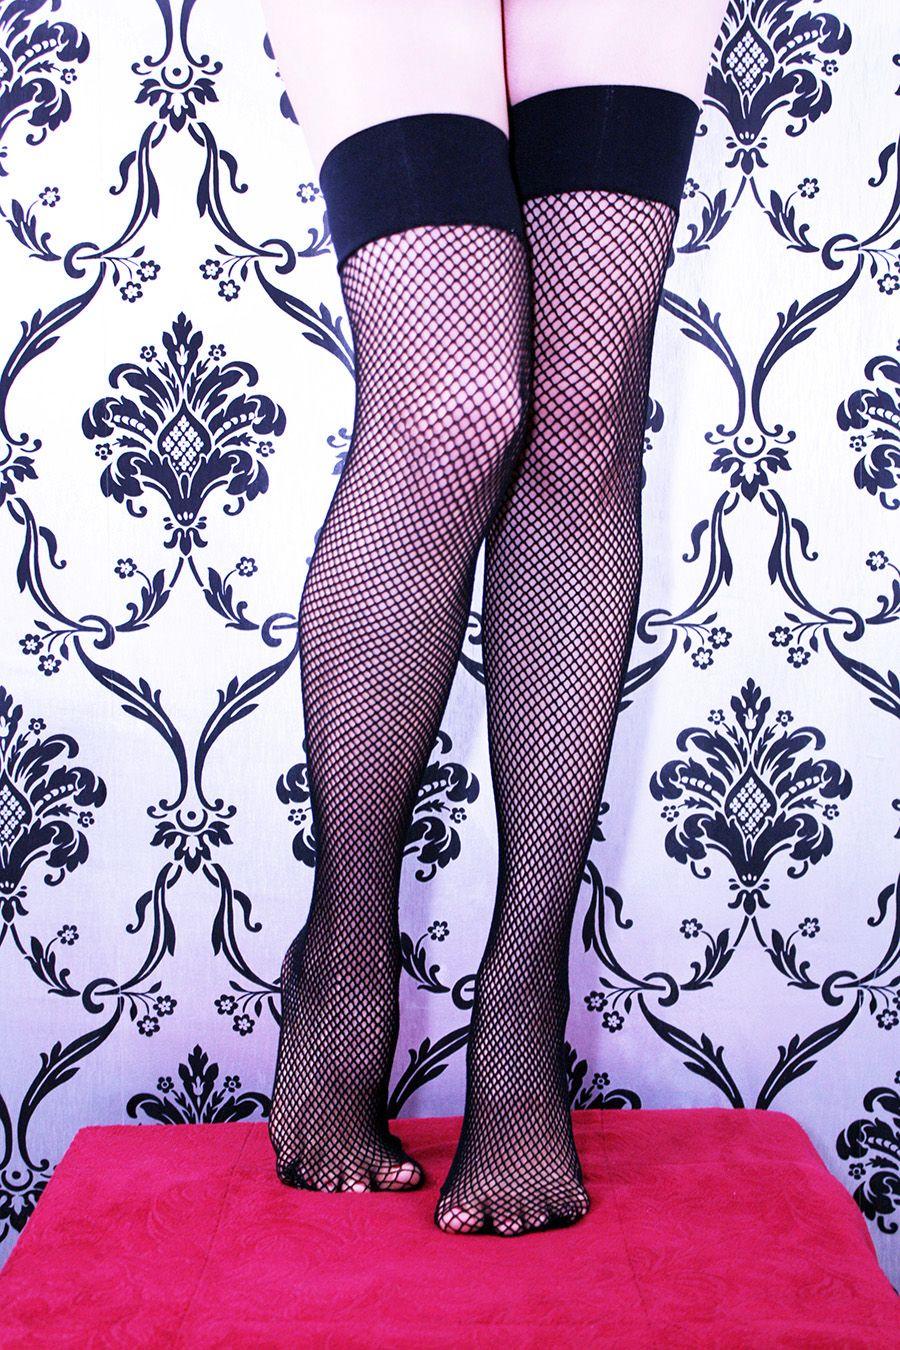 #Vita Can Can #Lingerie 2013 Collection  www.alejandravitatienda.com  bridal . lingerie  novias . lencería  Vita #Lenceria Can Can Colección 2013 #stockings #medias